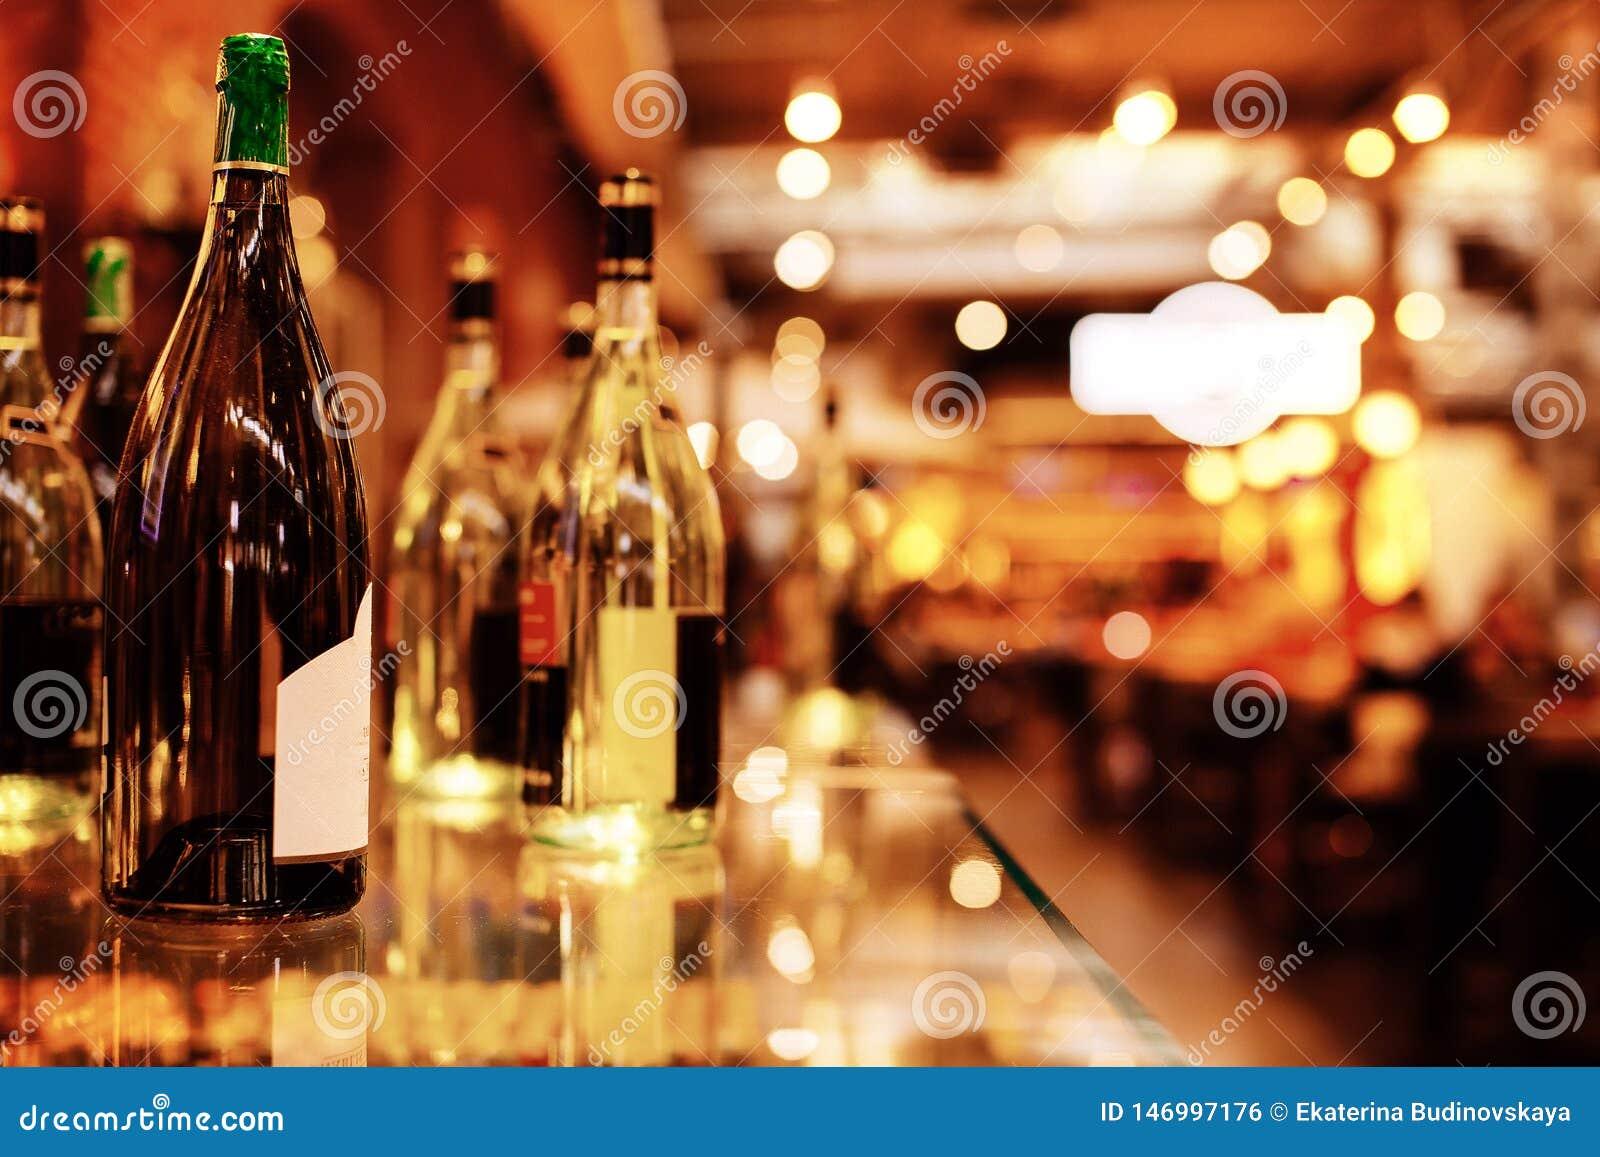 Μπουκάλια στο φραγμό